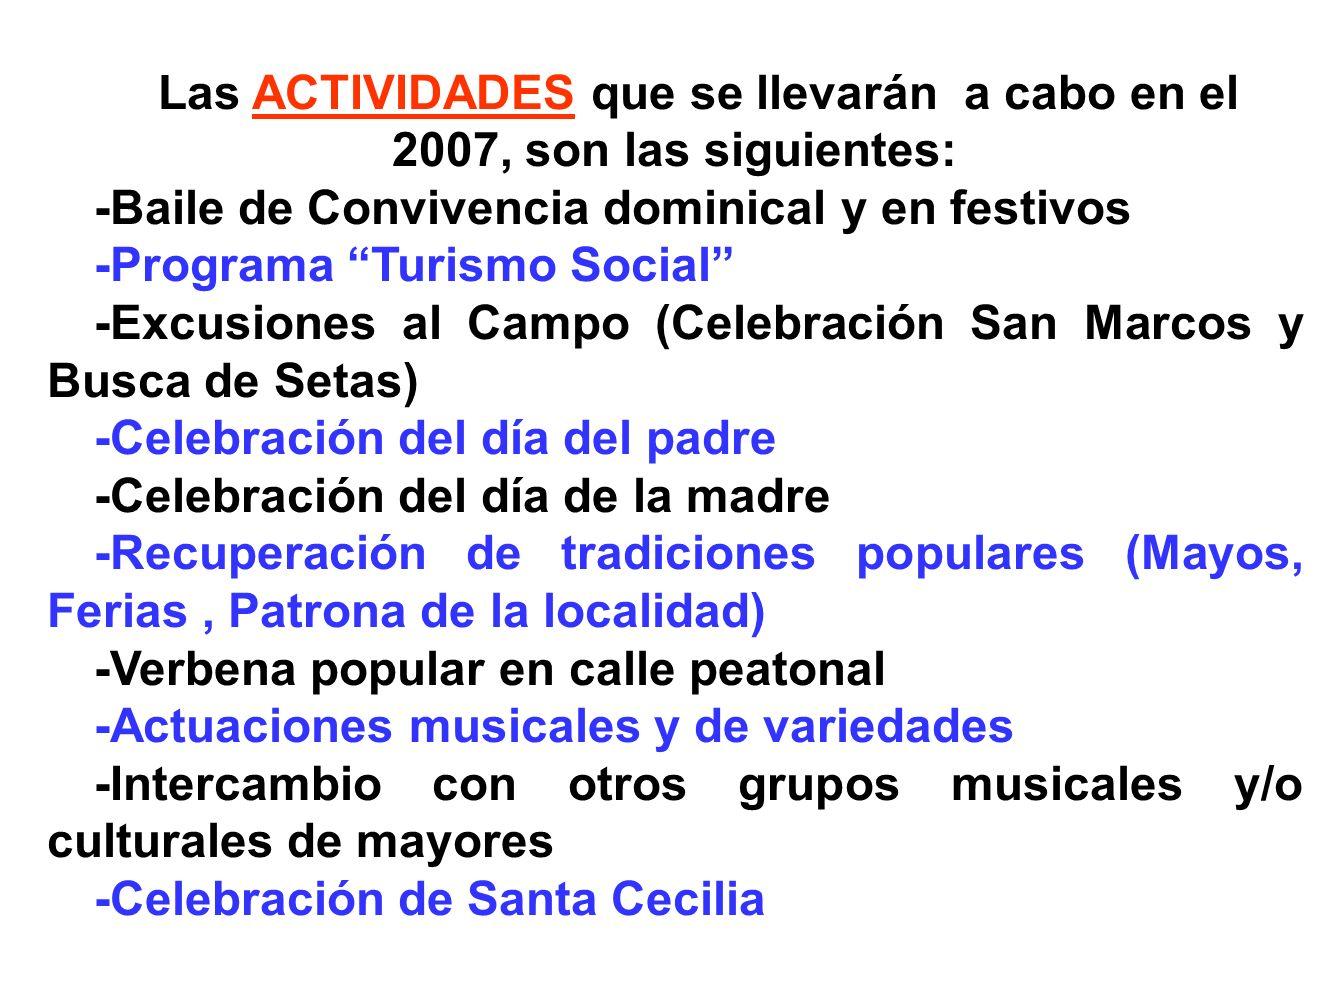 Las ACTIVIDADES que se llevarán a cabo en el 2007, son las siguientes: